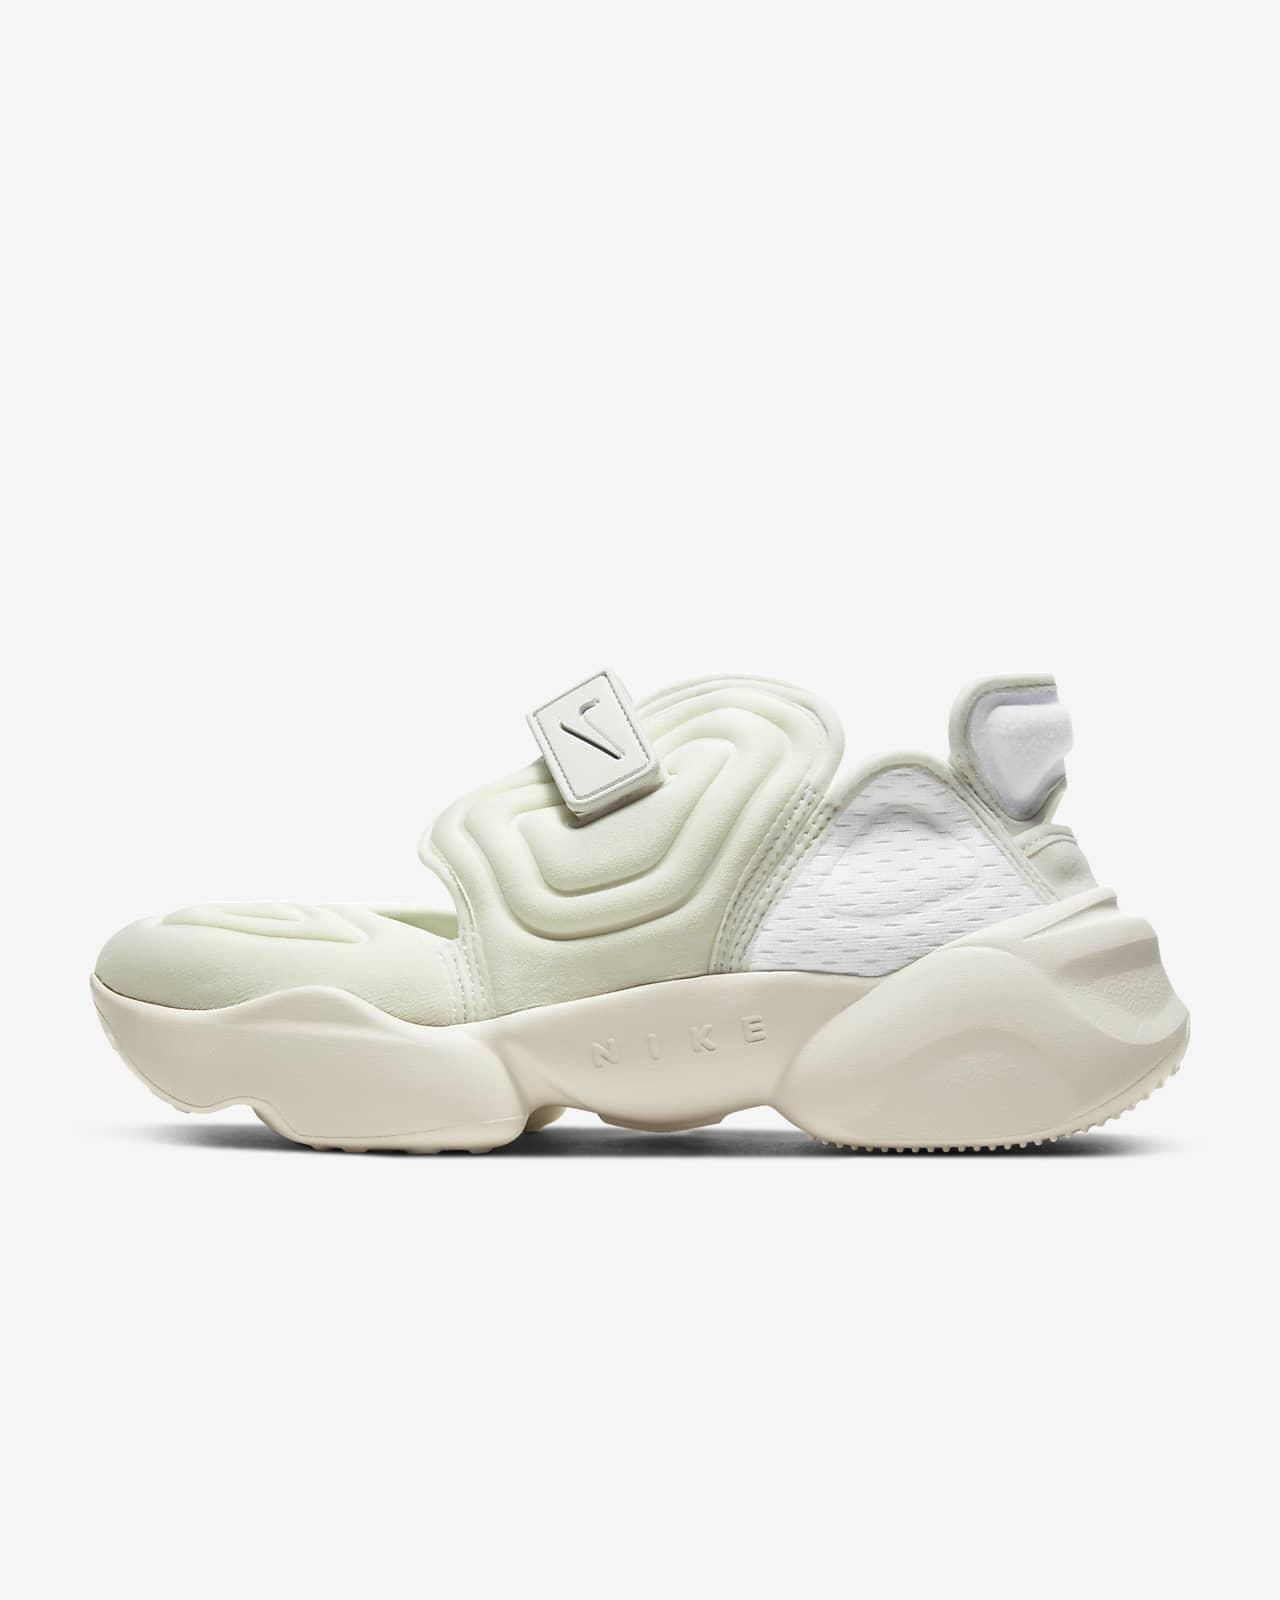 Nike Aqua Rift 女子运动鞋